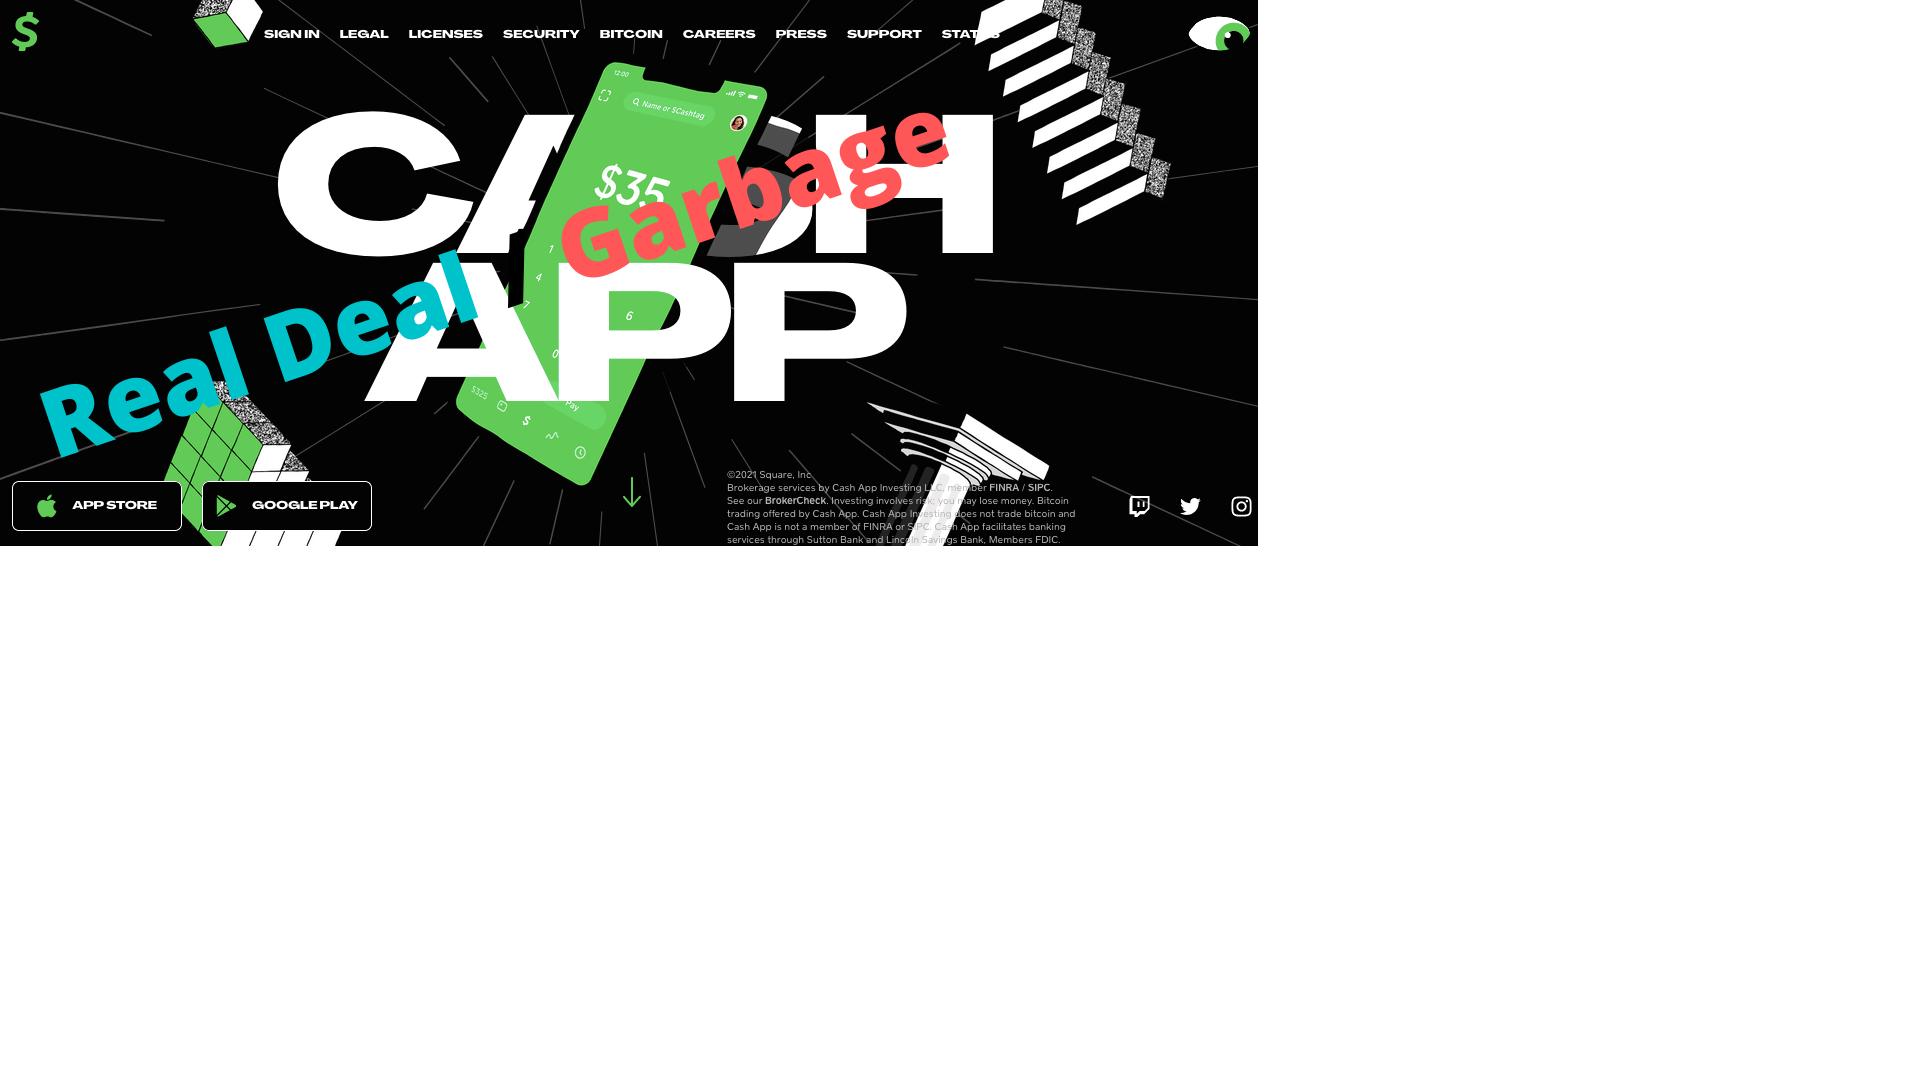 Cash App Home page